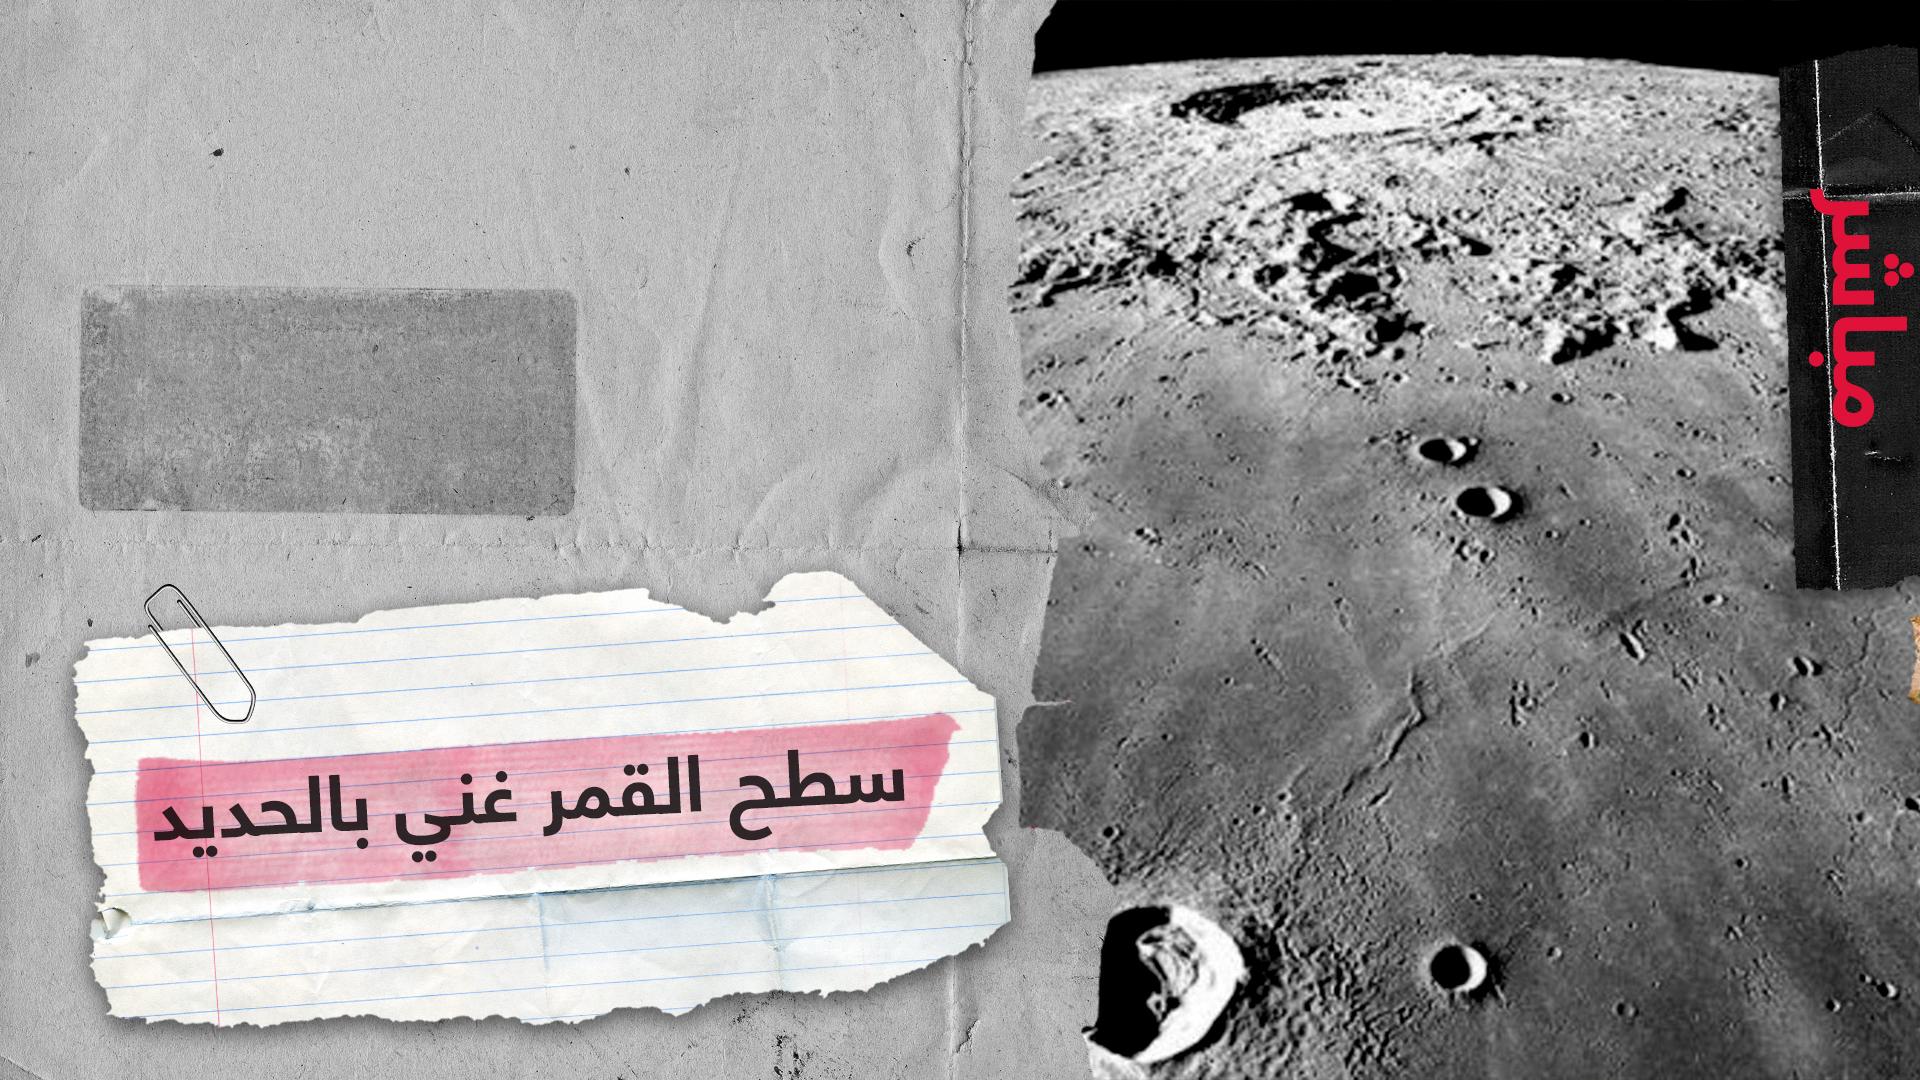 اكتشاف أدلة على وجود كميات كبيرة من الحديد تحت سطح القمر